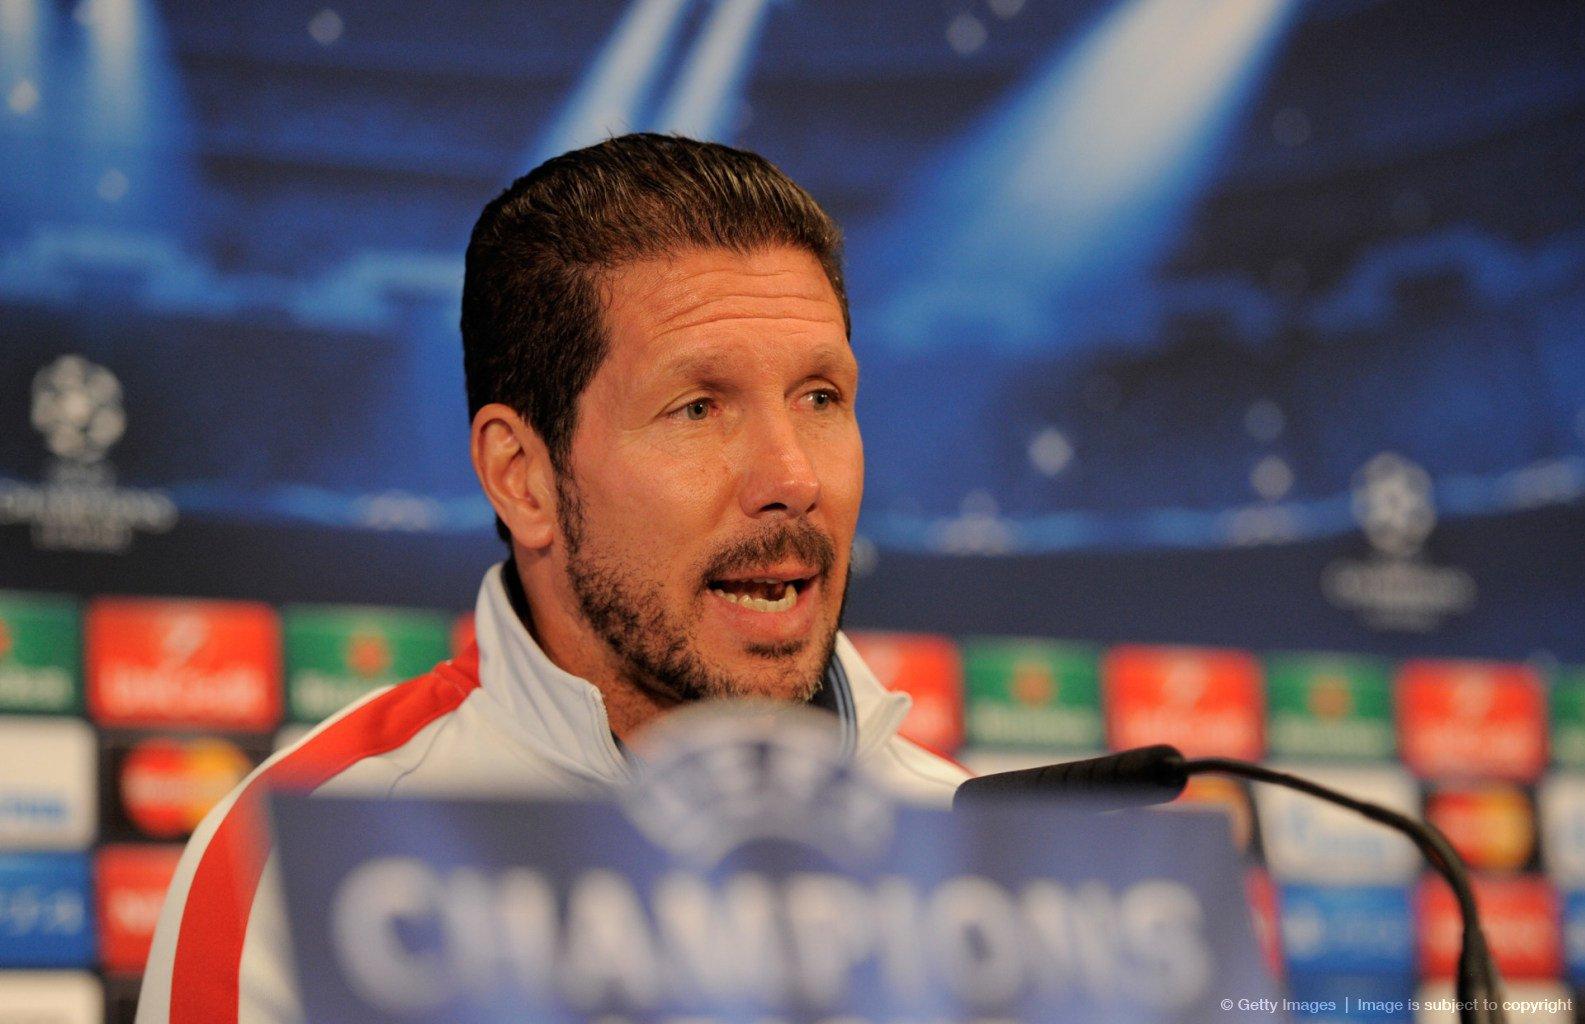 سیمونئه:تمرکزی برای لیگ قهرمانان ندارم/هدف اولم قهرمانی در لالیگا است